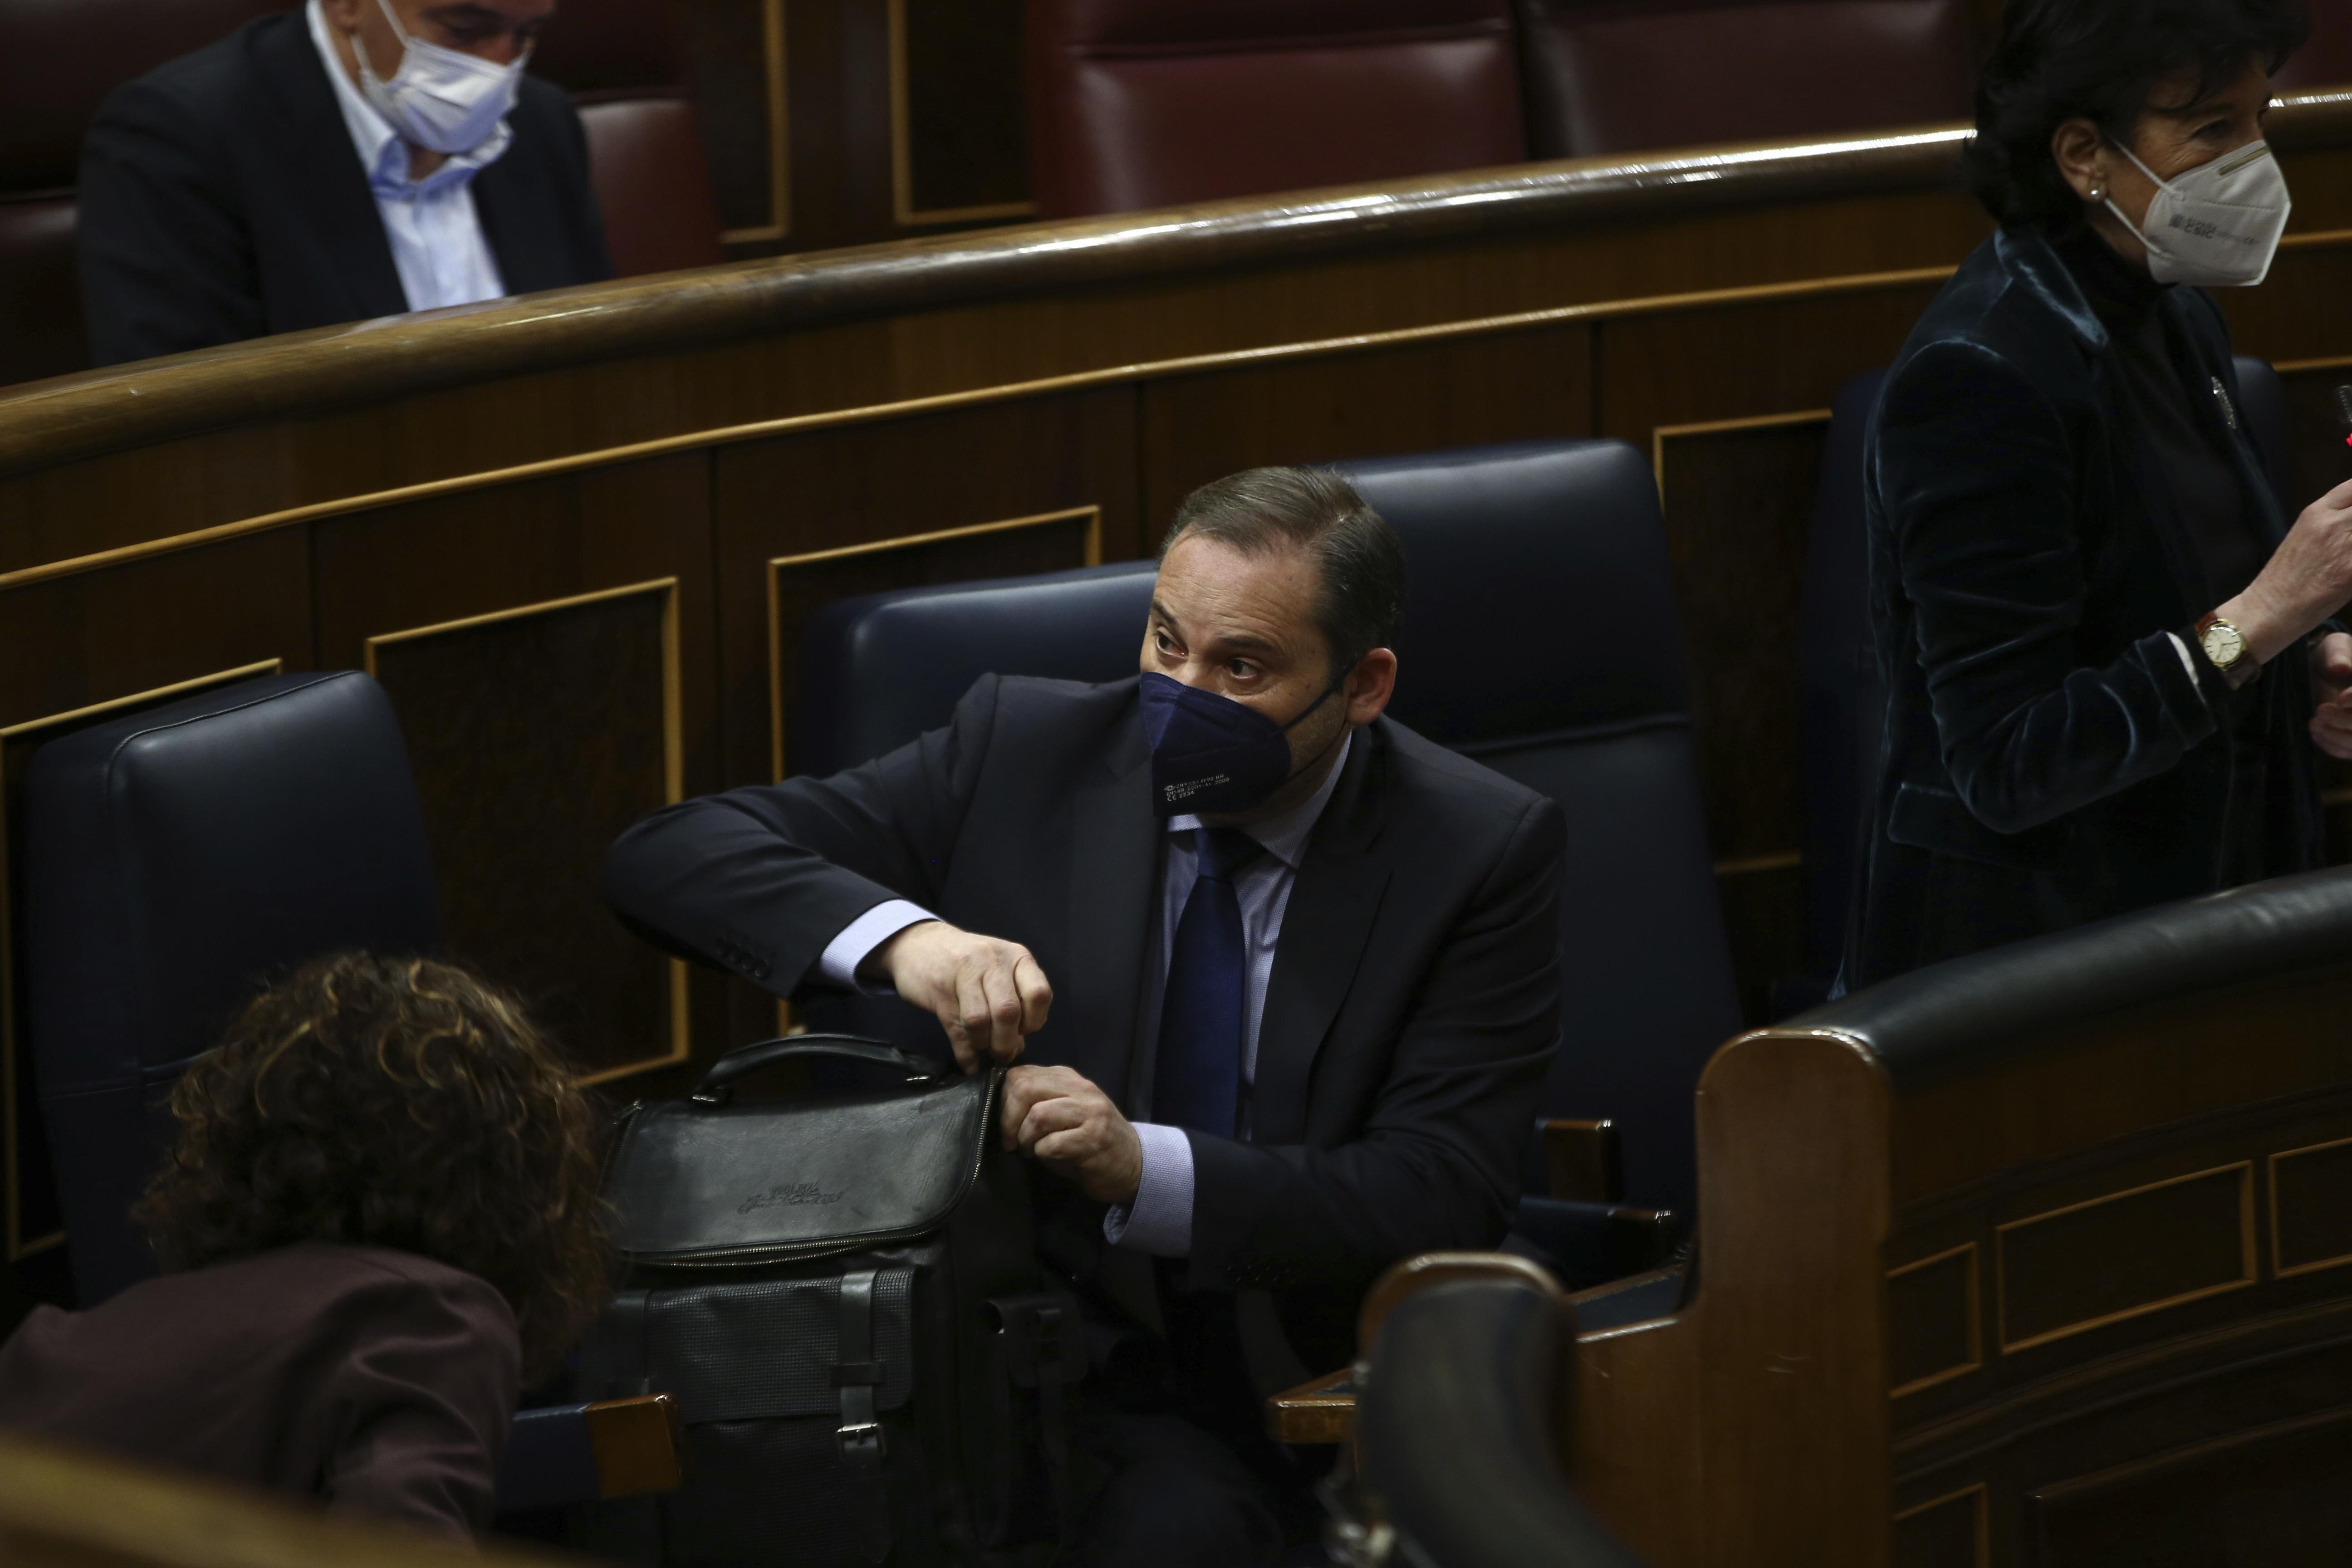 El ministro de Transportes, José Luis Ábalos, este miércoles en el Congreso de los Diputados